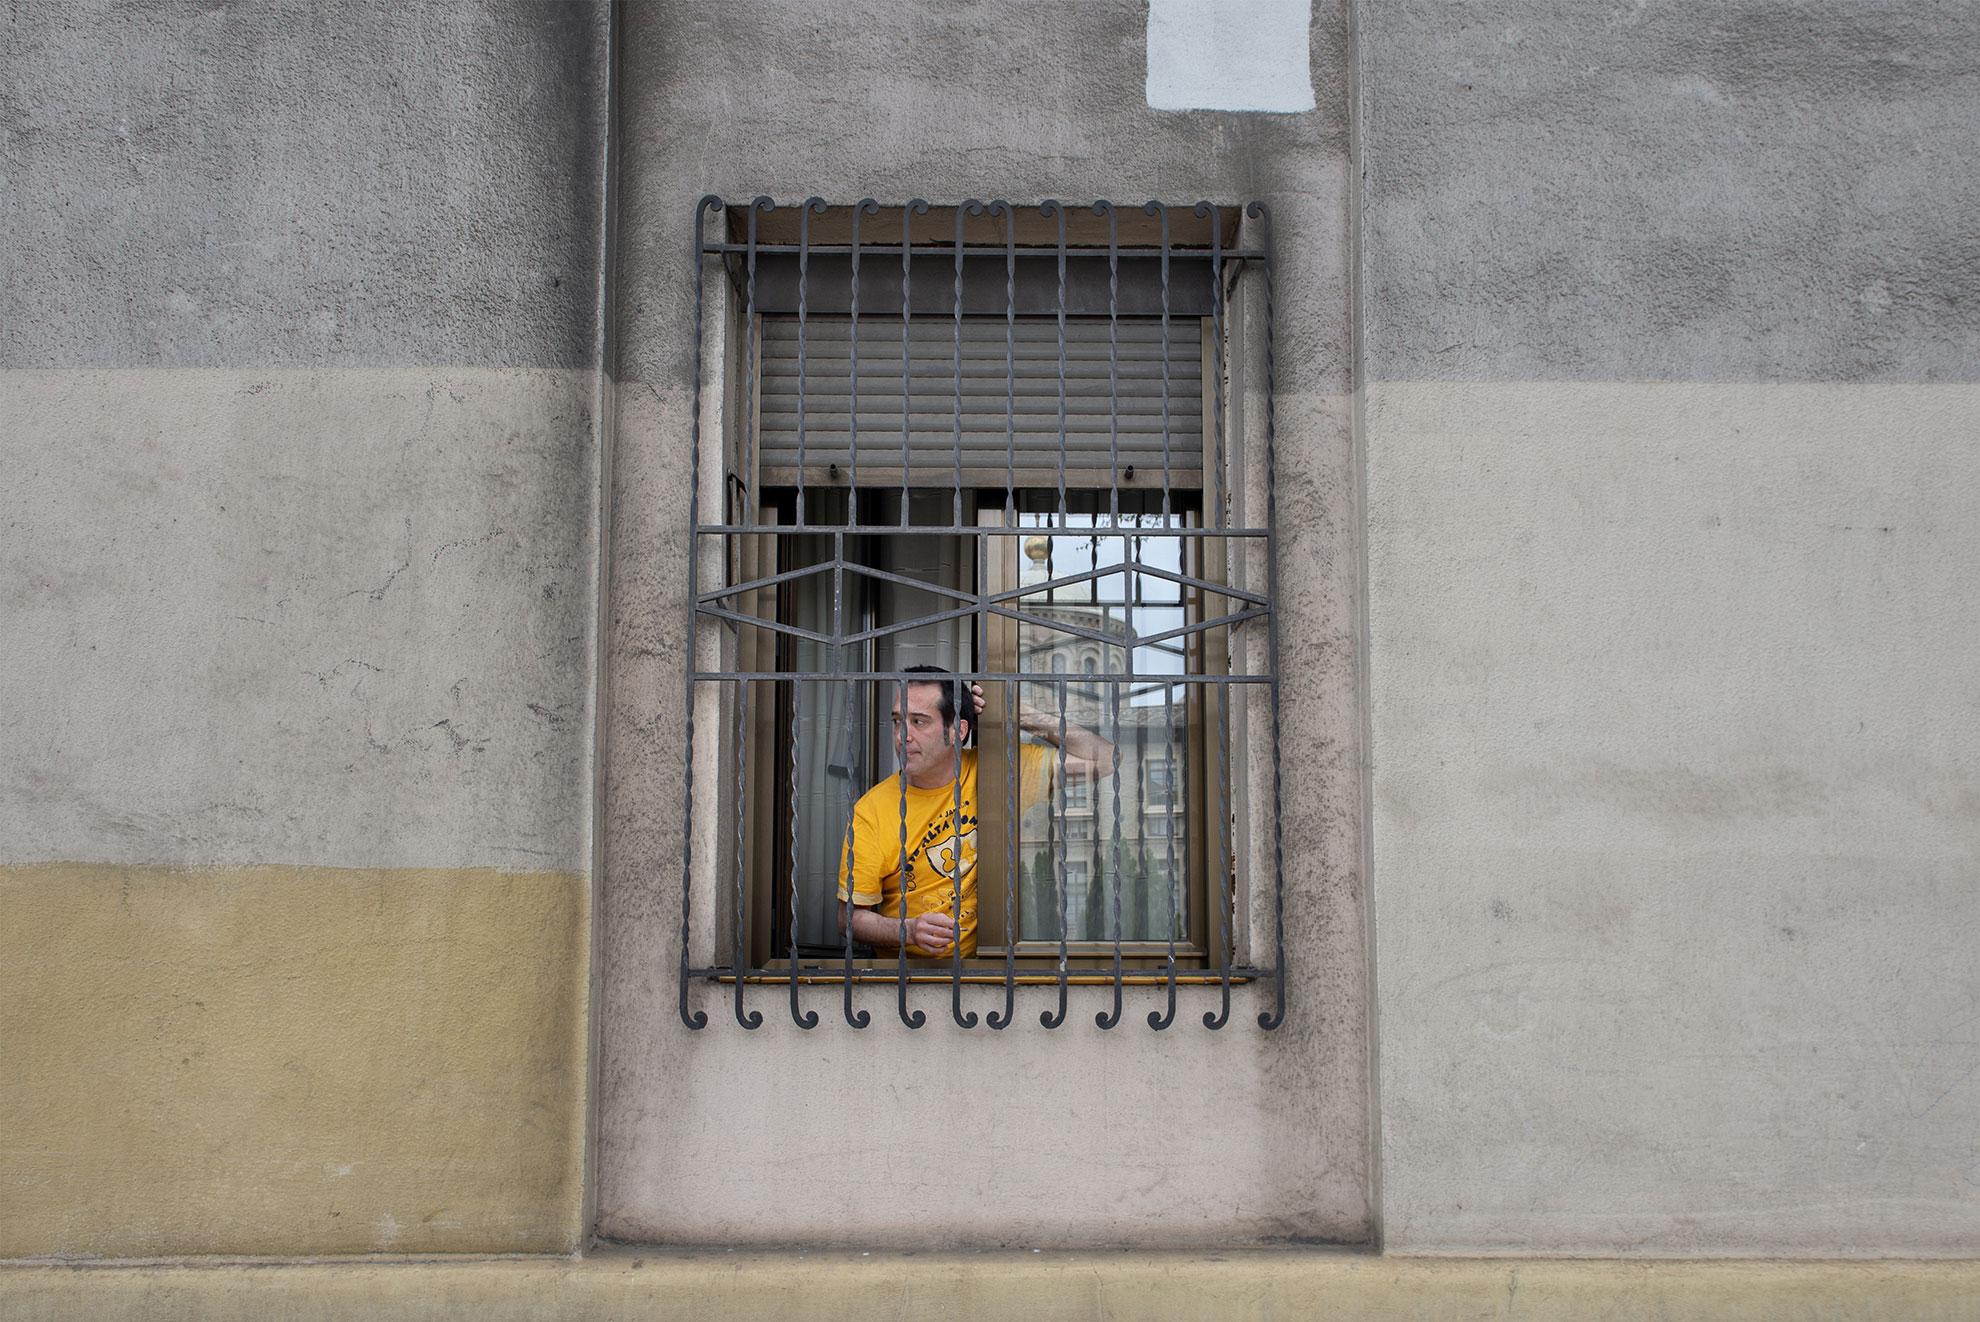 Felipe asomado a su ventana con rejas en una céntrica calle de Zaragoza, en el décimo día confinamiento de la población en sus casas.